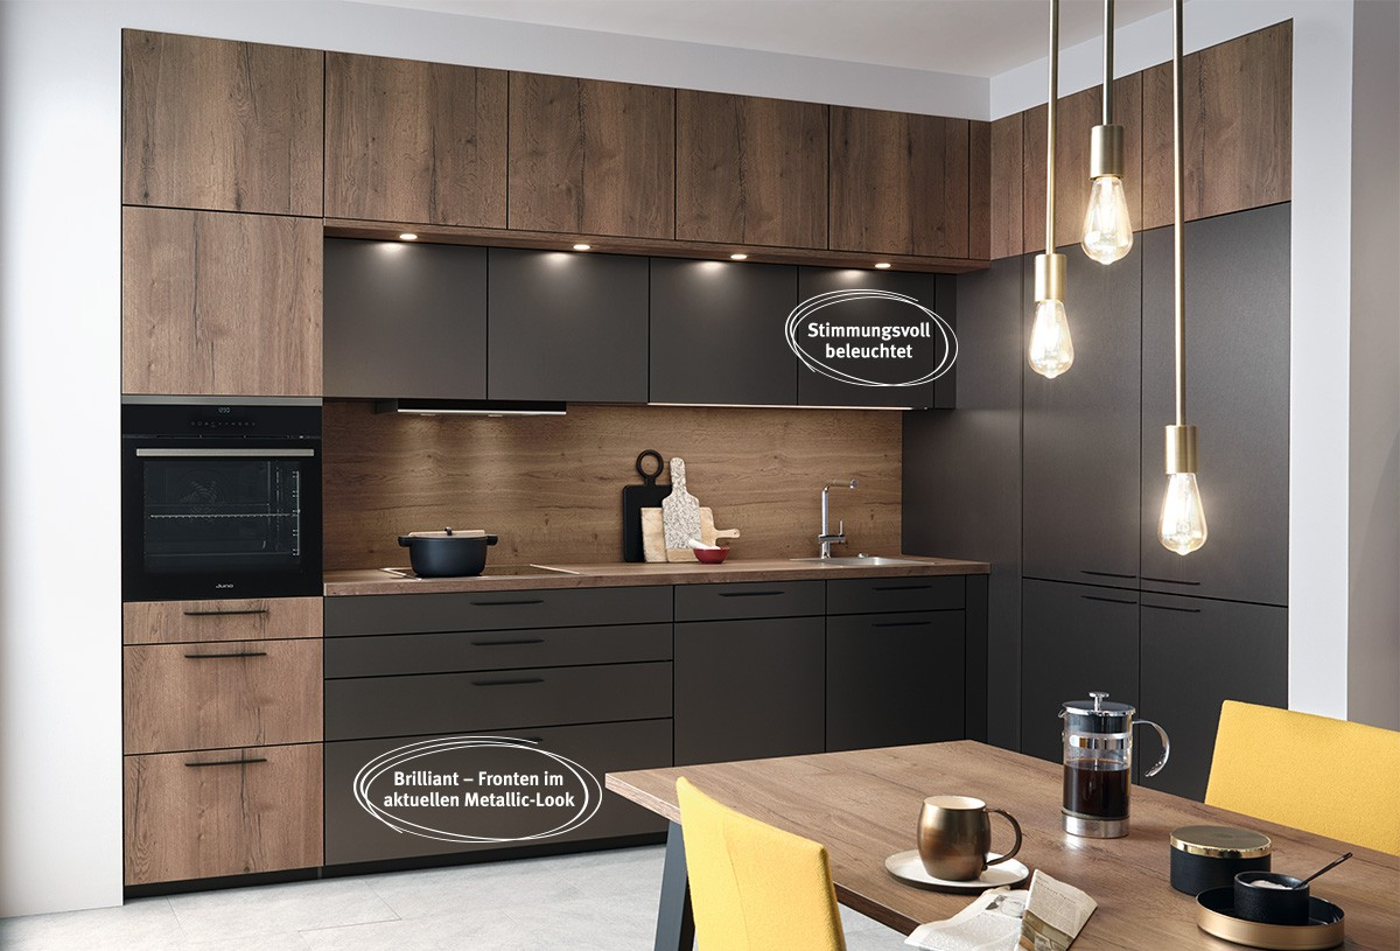 Kompakte Küche mit viel Stauraum durch maßgeschneiderte Lösungen. Indirektes Licht sorgt für eine perfekte Ausleuchtung und bringt gleichzeitig Wärme in den Raum.